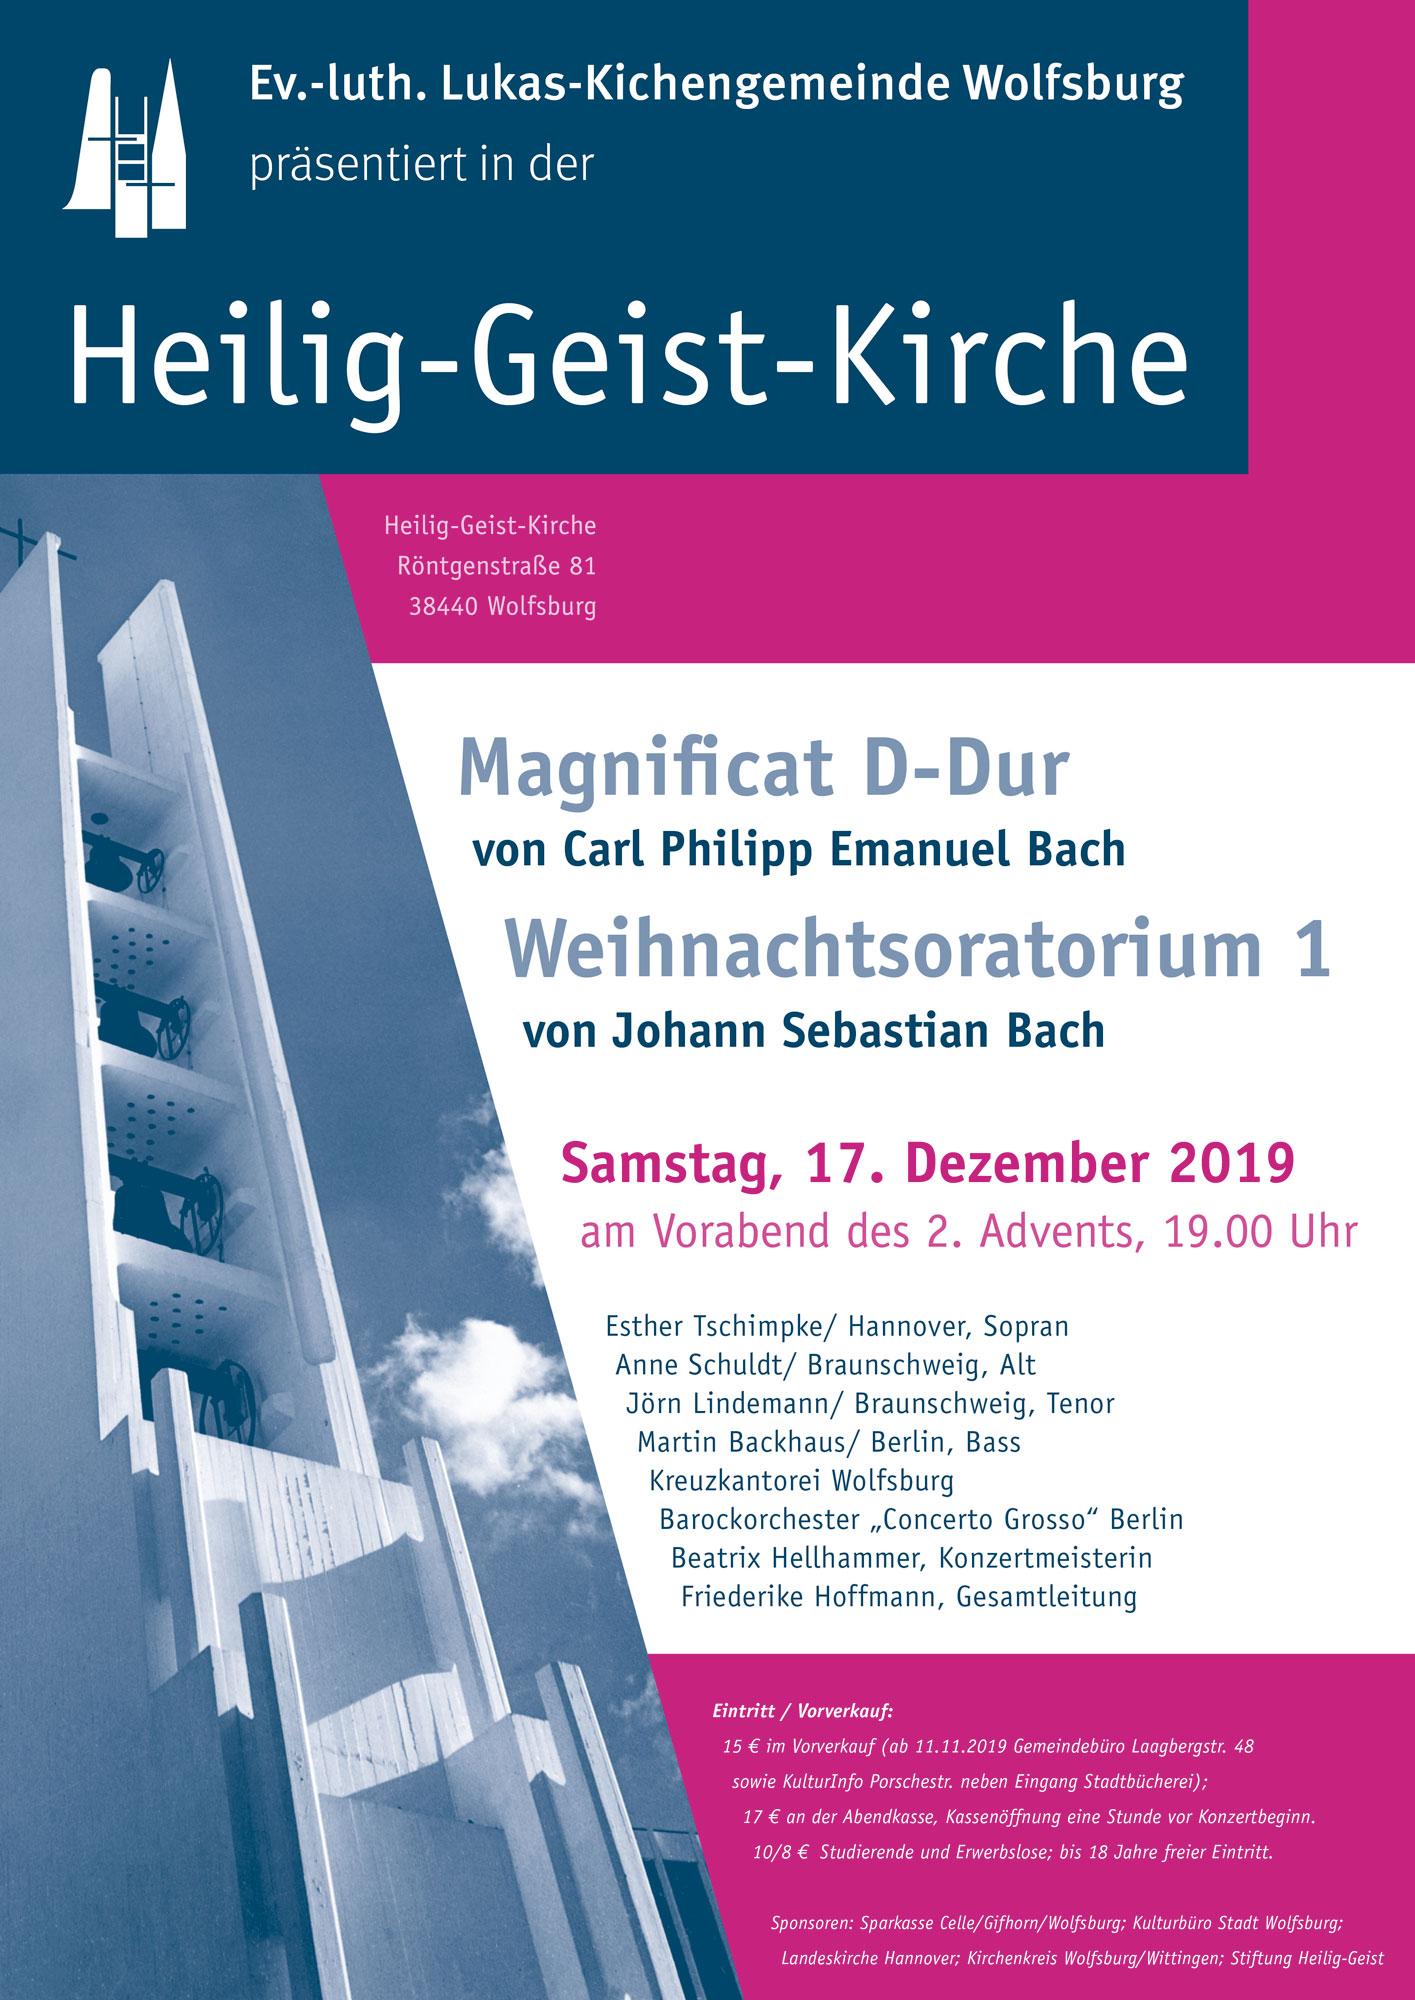 Heilig-Geist-Kirche-Plakat-2019-Lukas